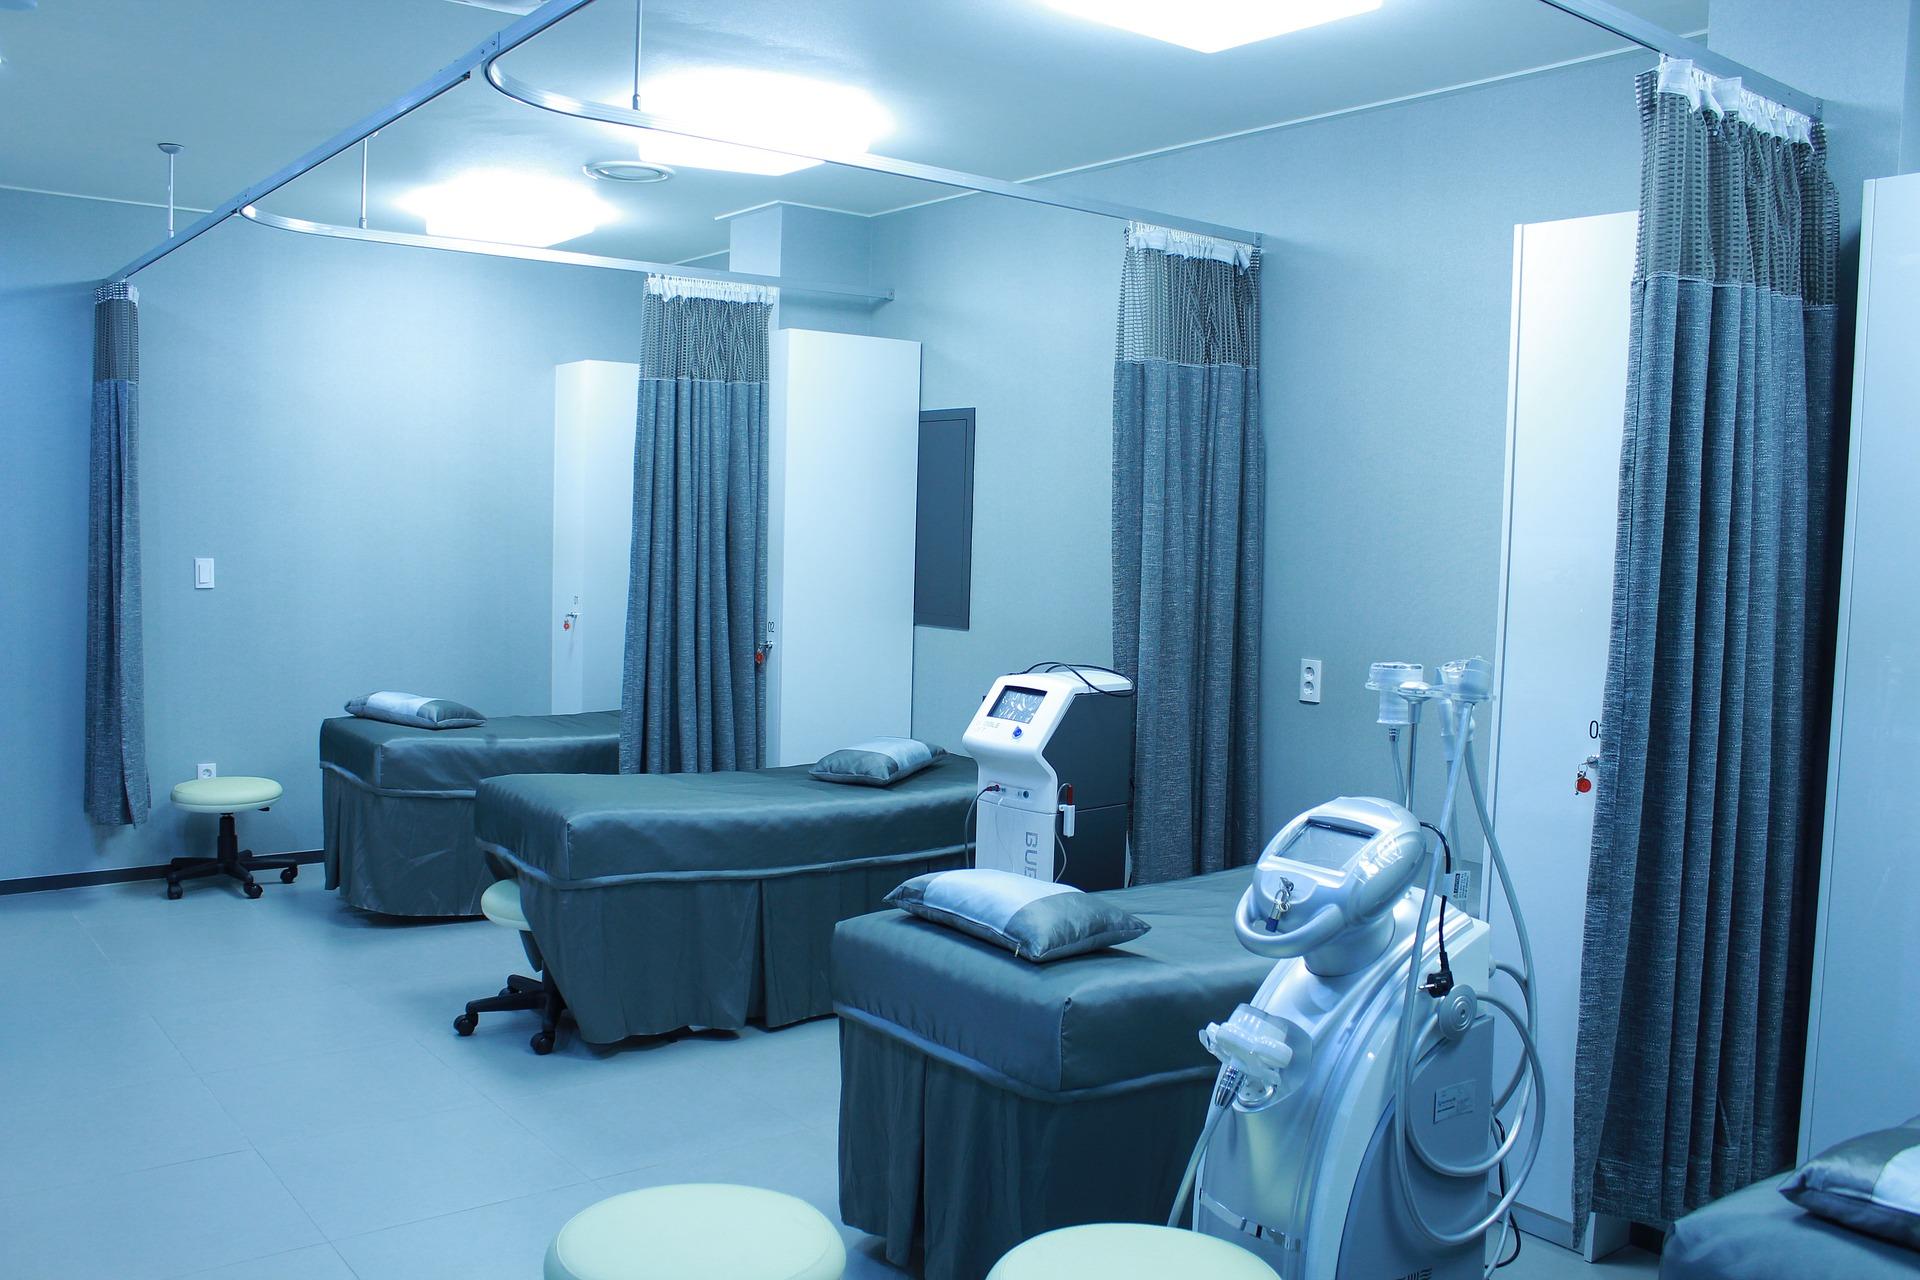 Trennvorhang Krankenhaus Reinigung